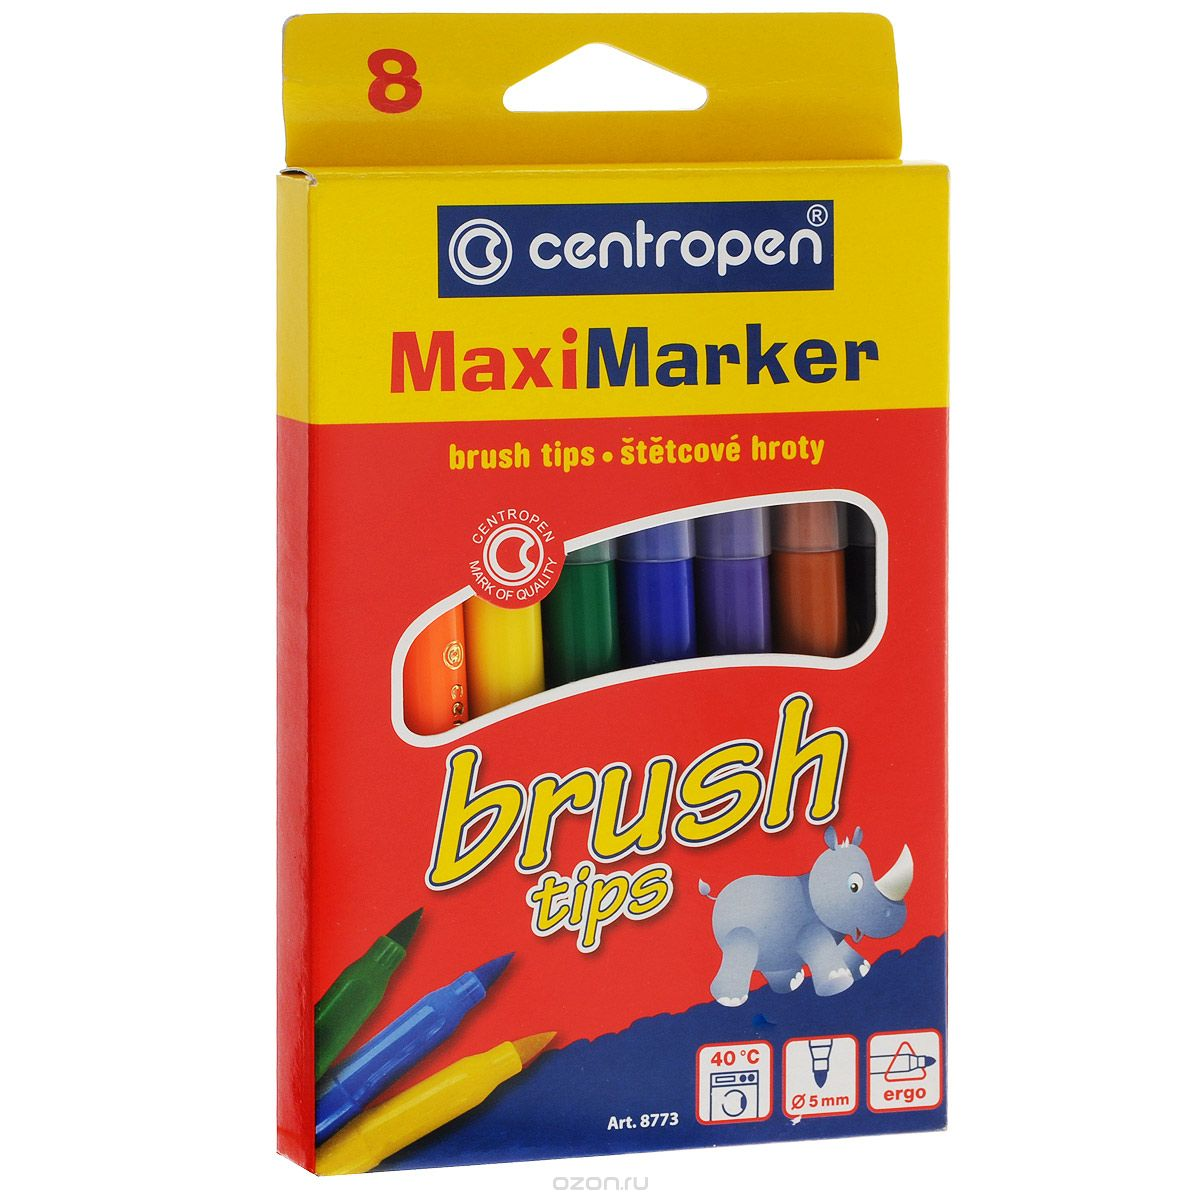 Набор смываемых маркеров Brush, 8 цветов8773/08Характеристики: Длина маркера: 14,5 см. Диаметр наконечника: 5 мм. Размер упаковки:11 см х 18 см х 1,3 см.